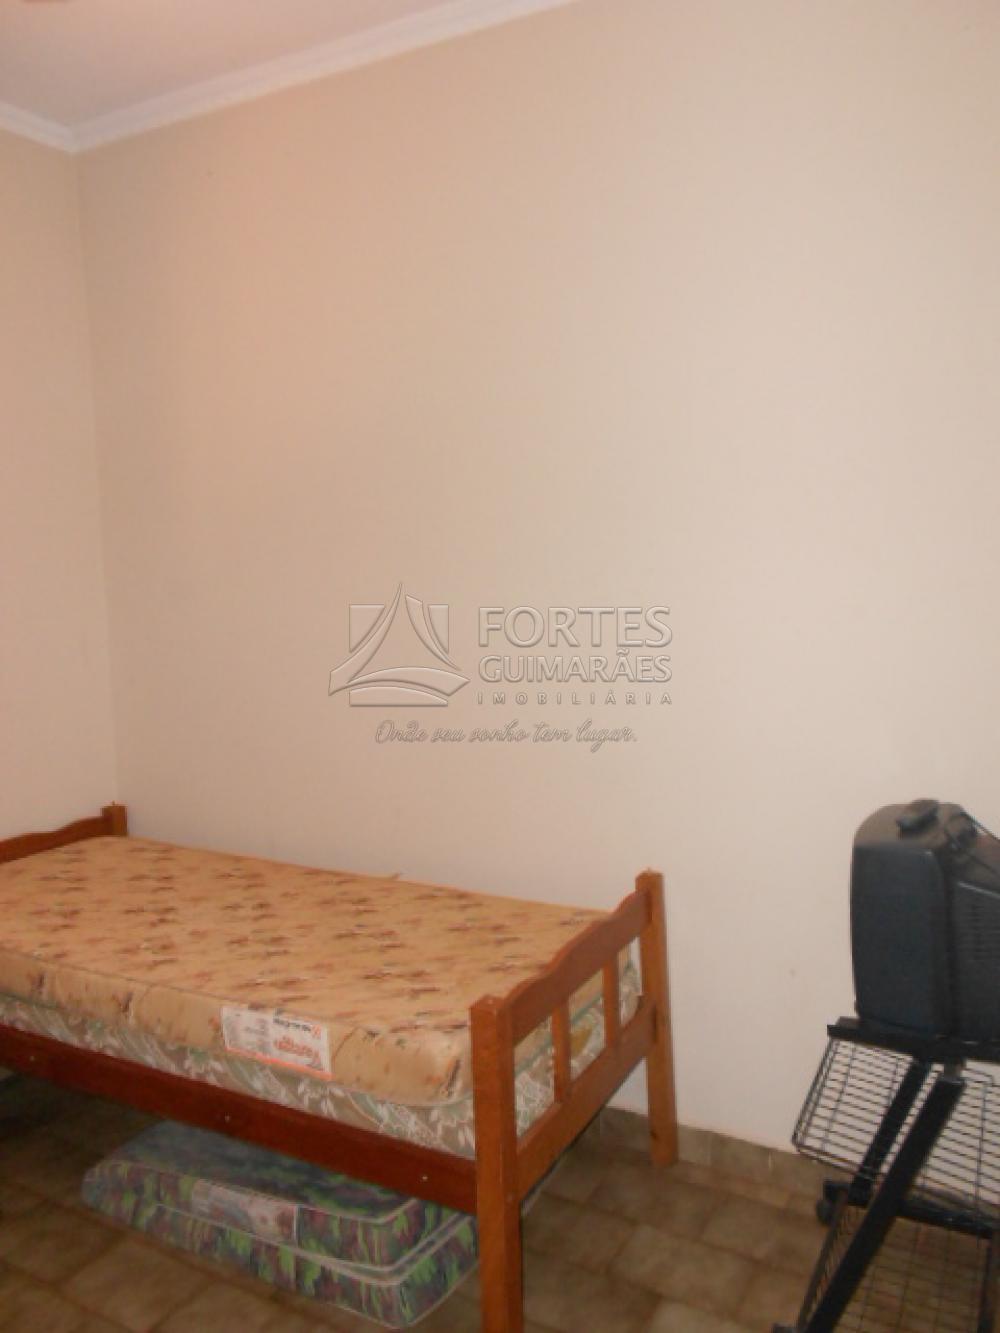 Alugar Casas / Condomínio em Jardinópolis apenas R$ 2.500,00 - Foto 16